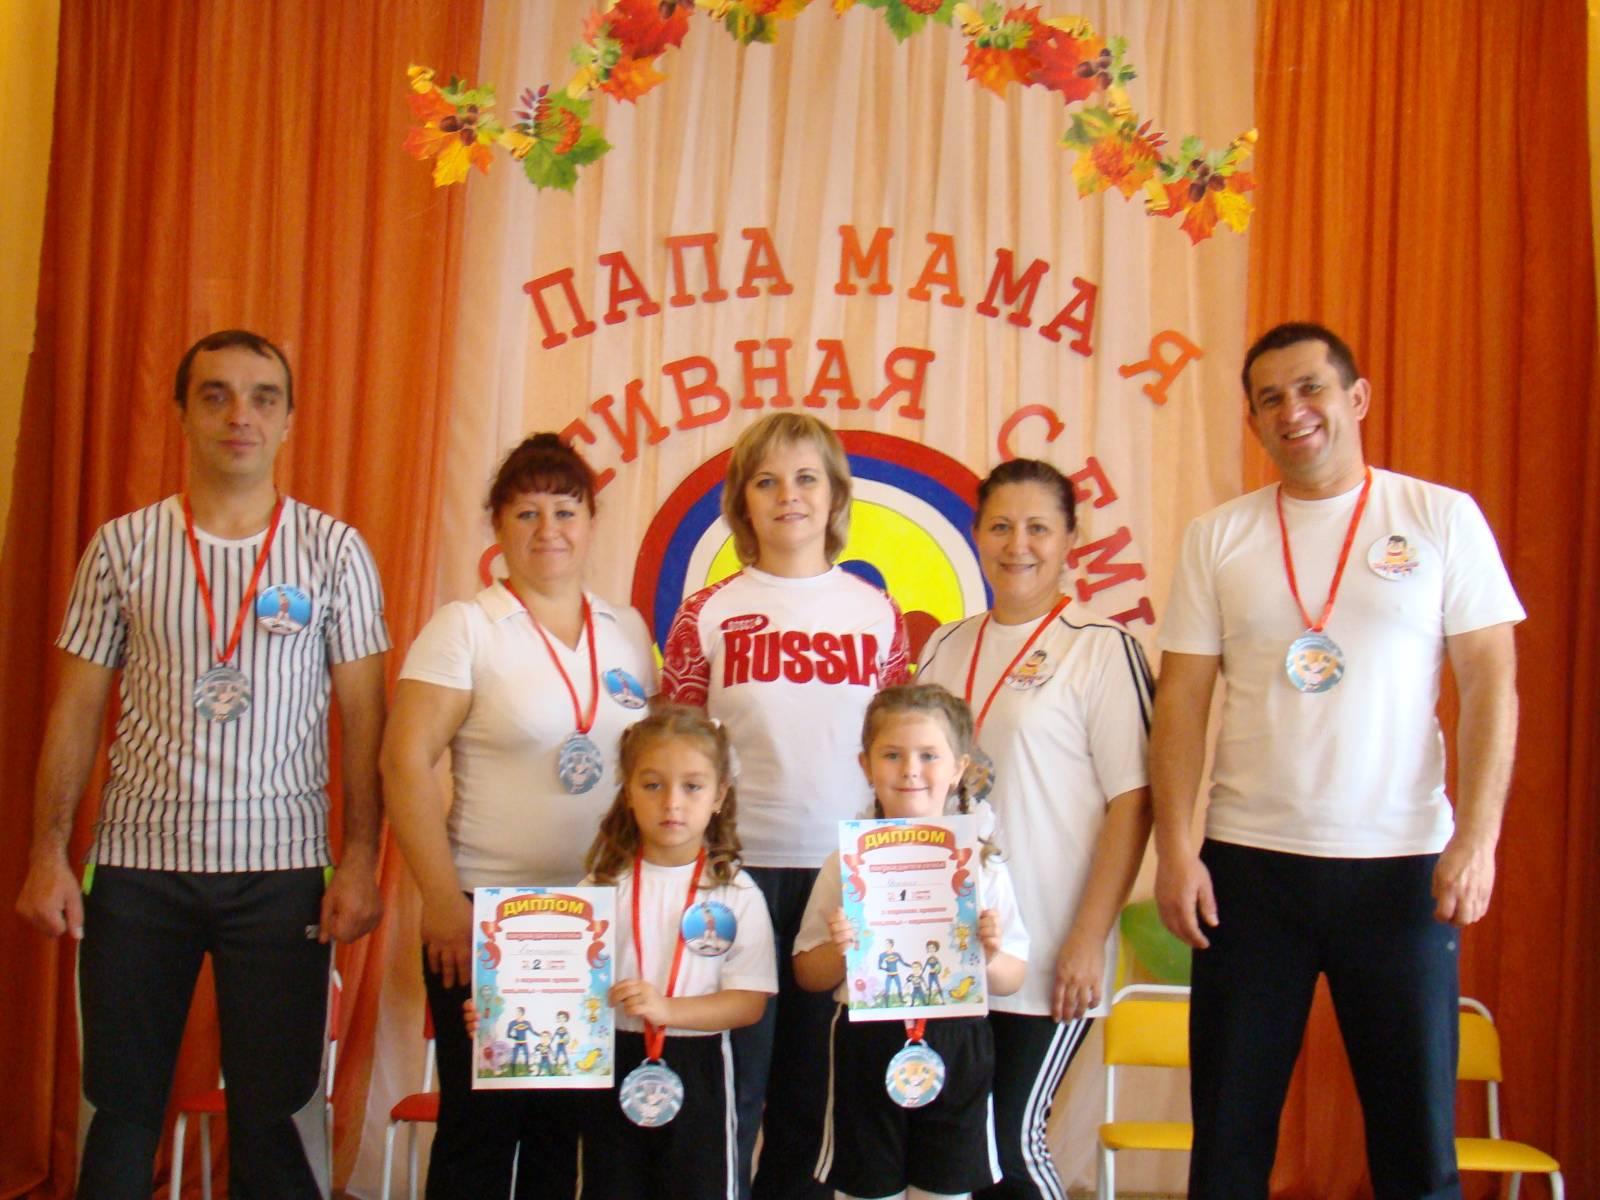 Спортивные конкурсы на день семьи